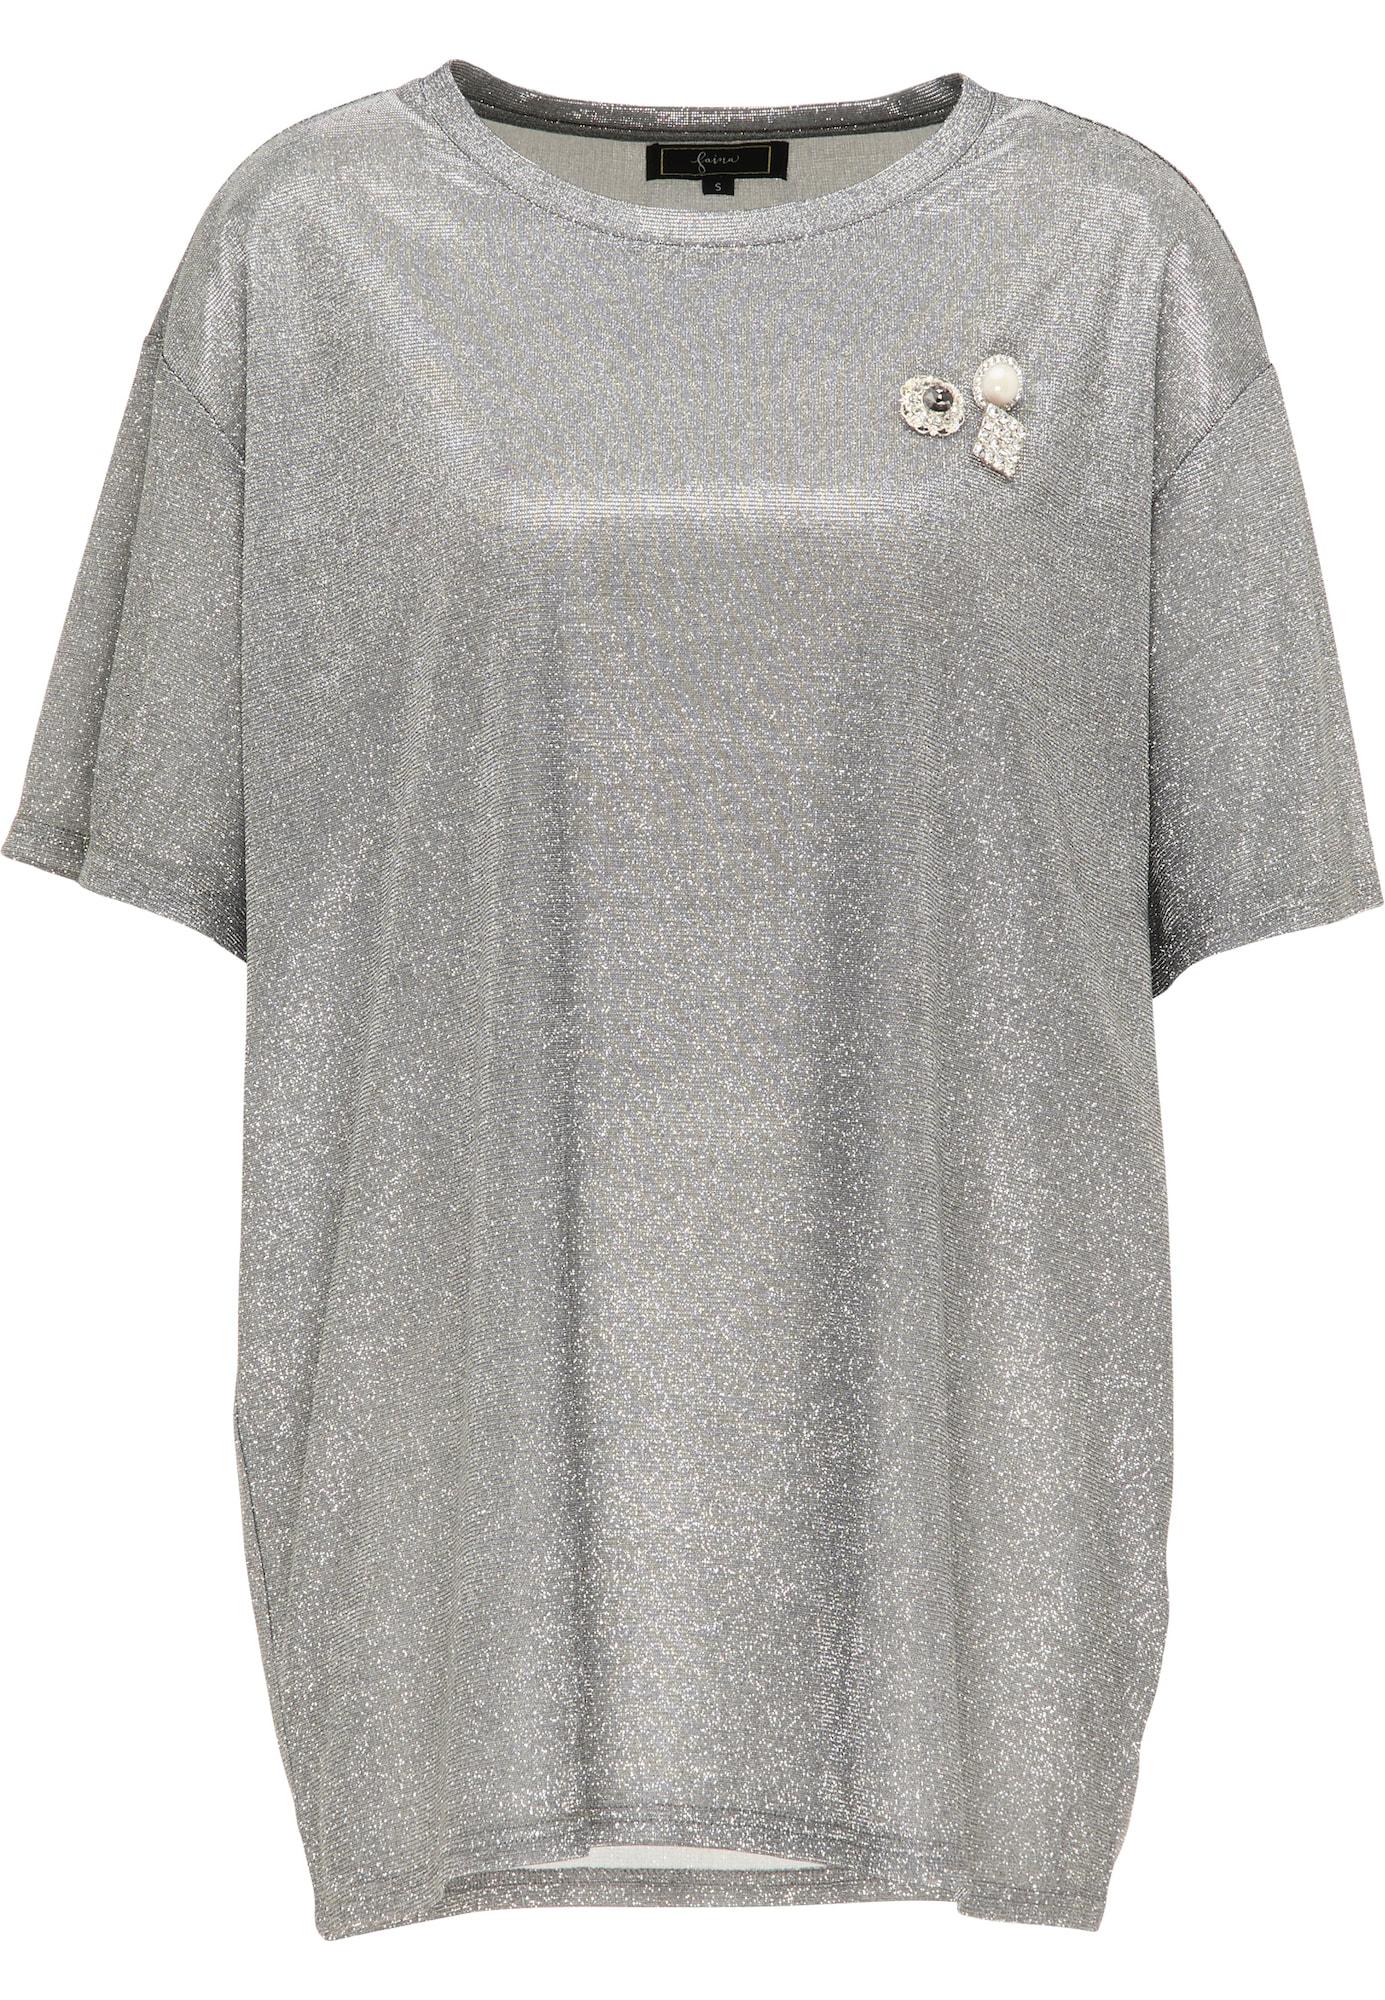 faina Laisvi marškinėliai sidabrinė